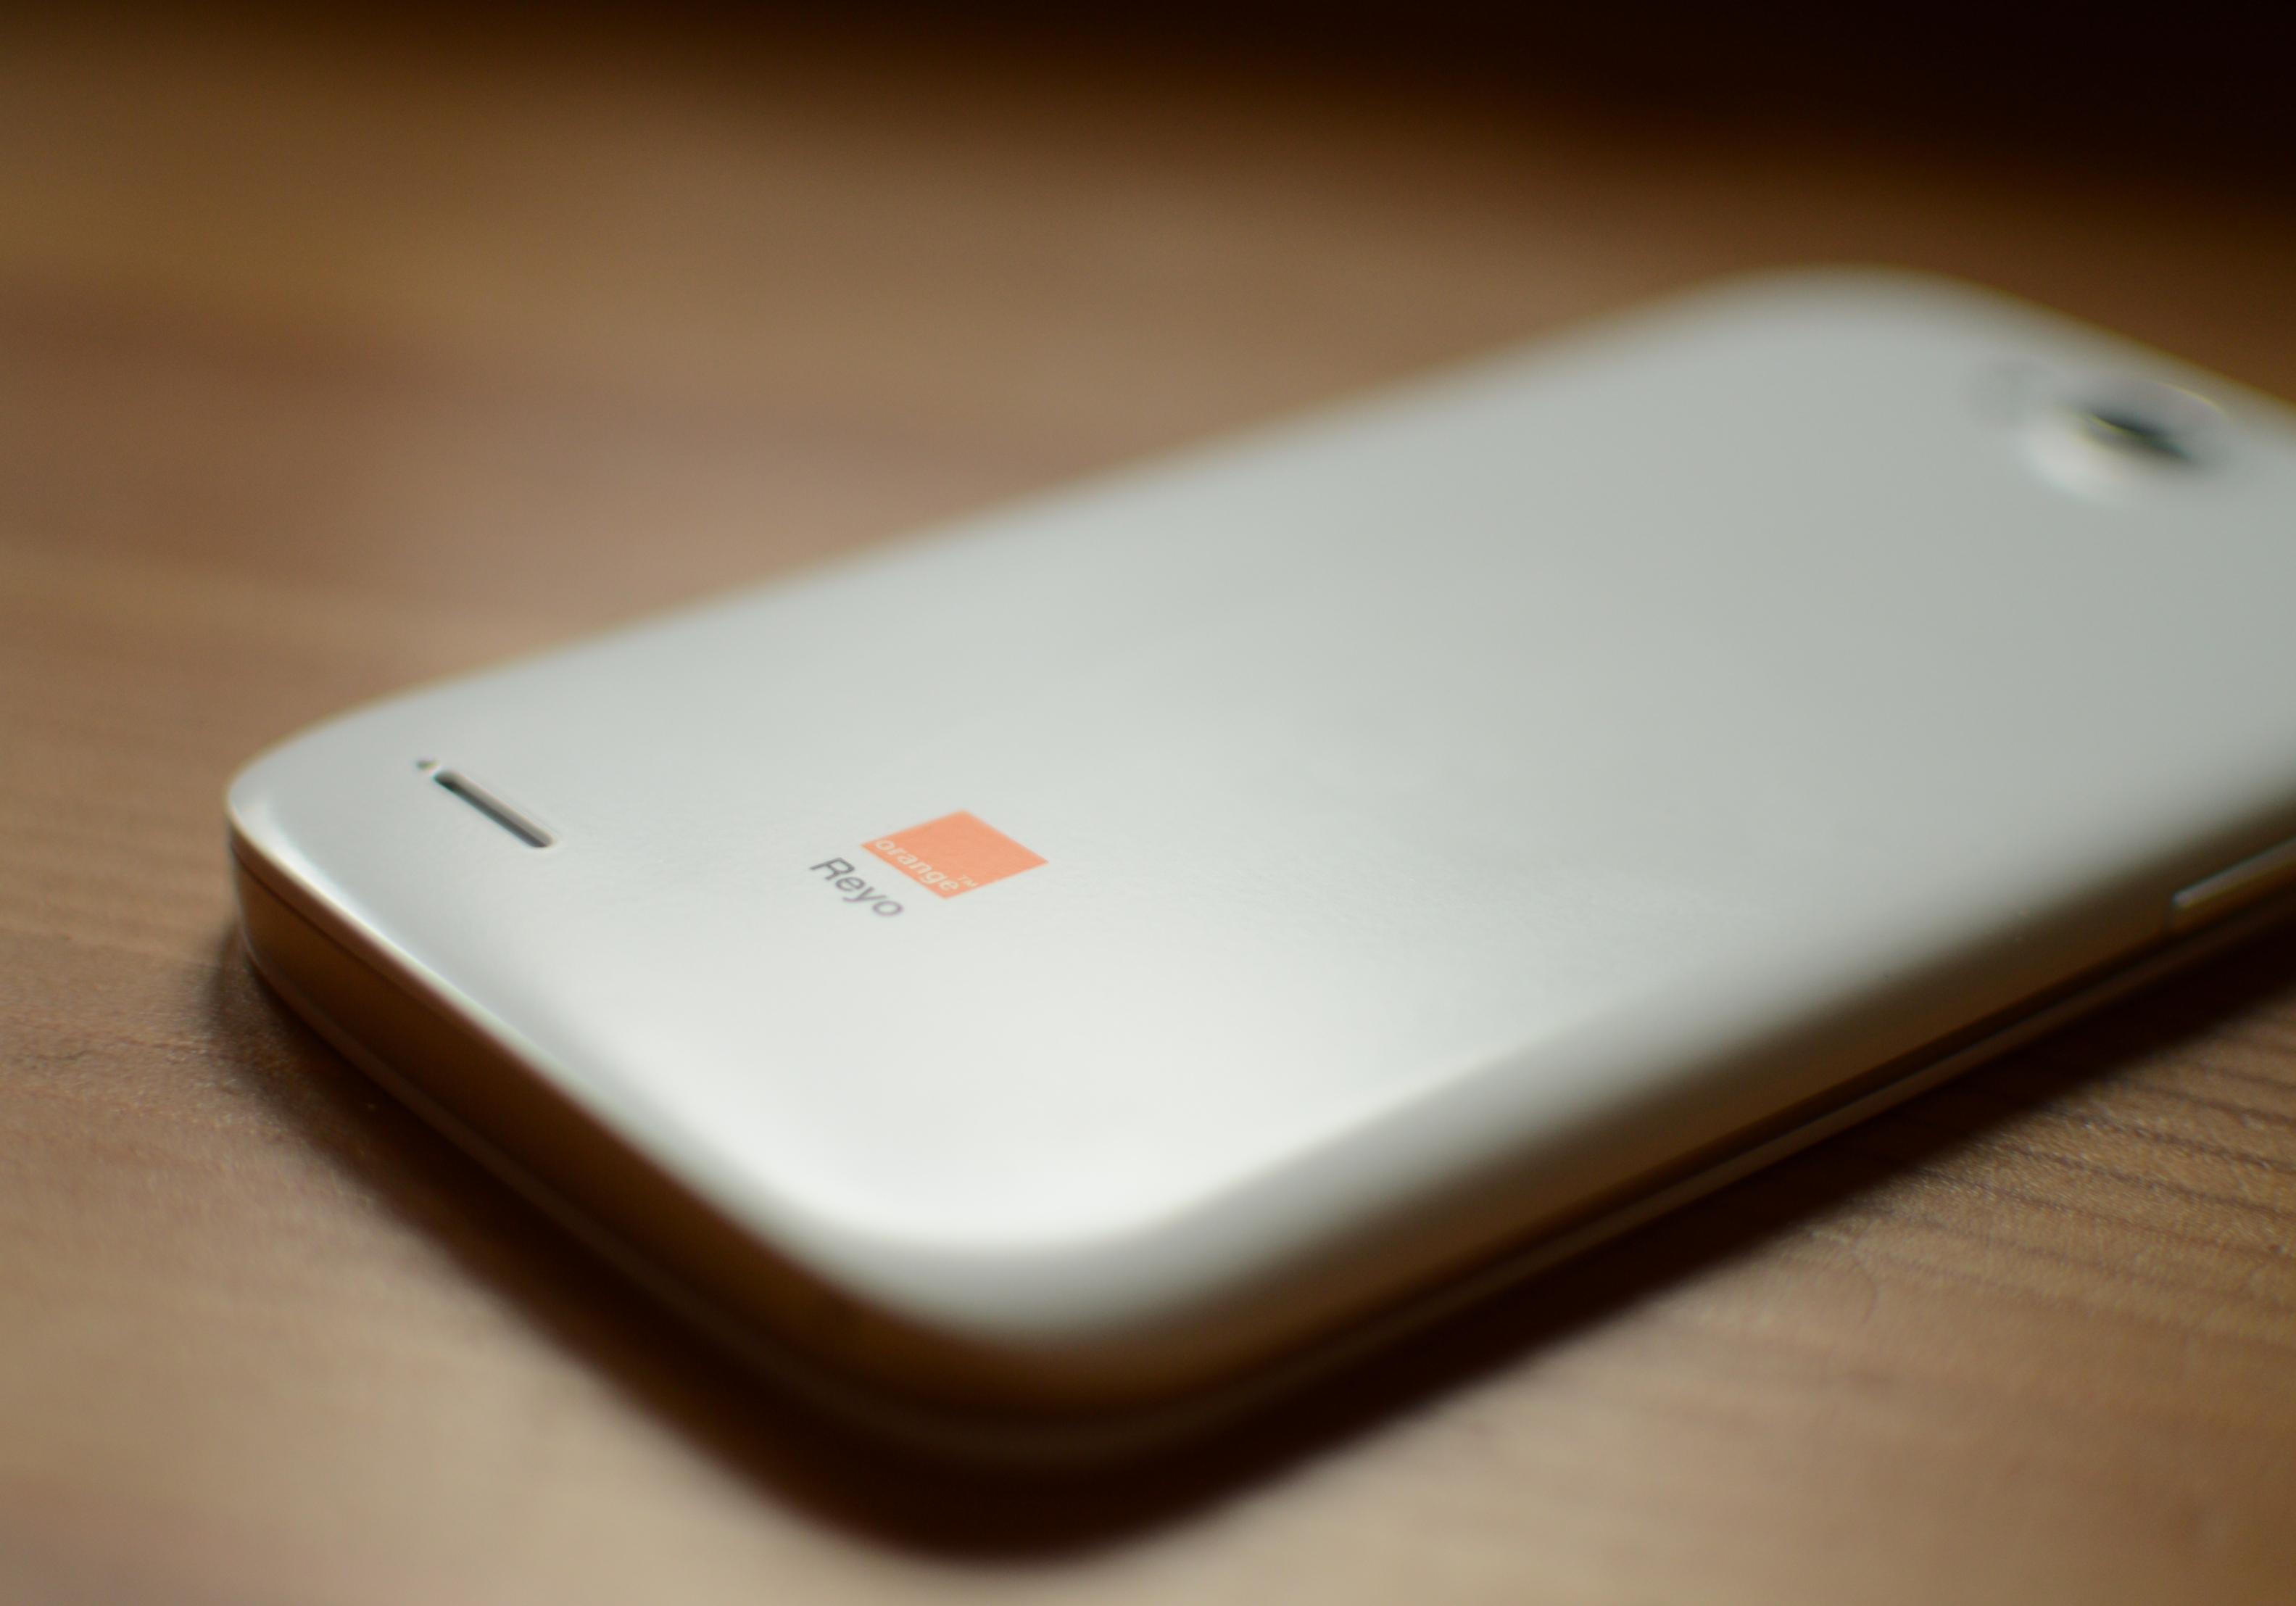 Orange Reyo, czyli smartfon za złotówkę od polskiego operatora – recenzja Spider's Web